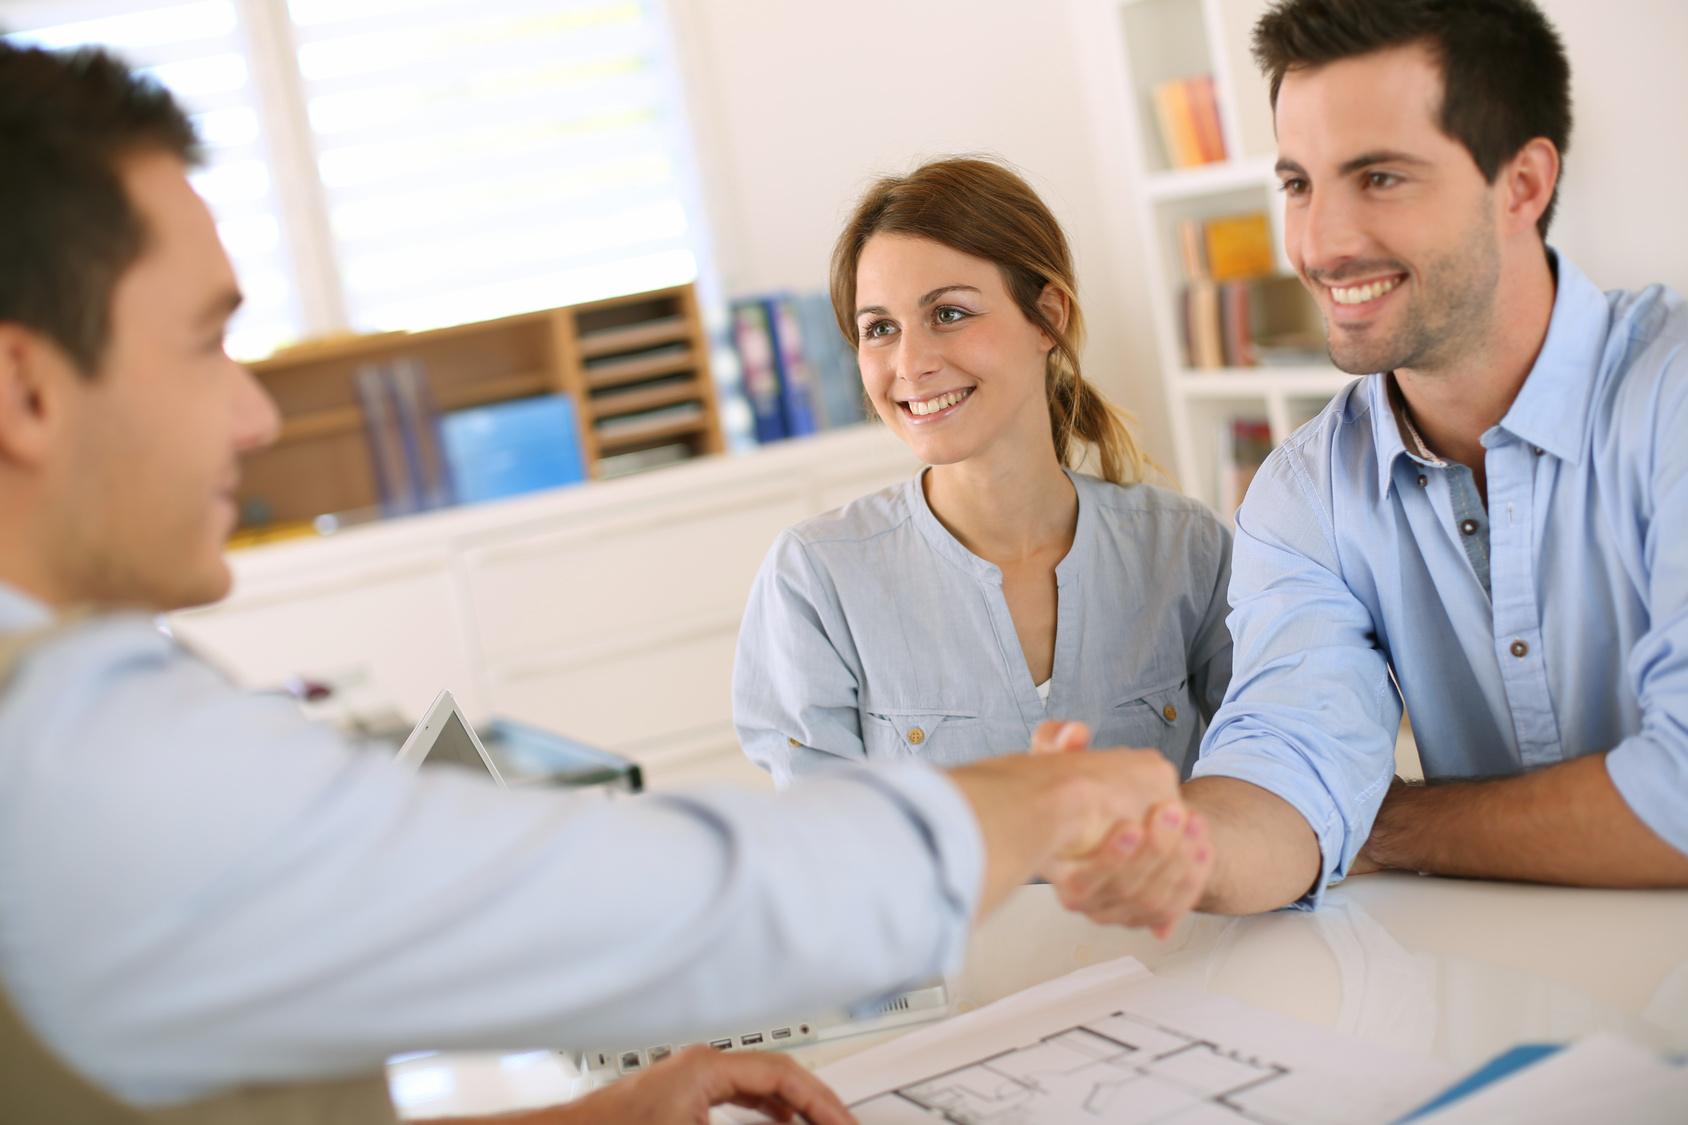 Central de riesgos: Cómo conocer si tu cliente es buen pagador